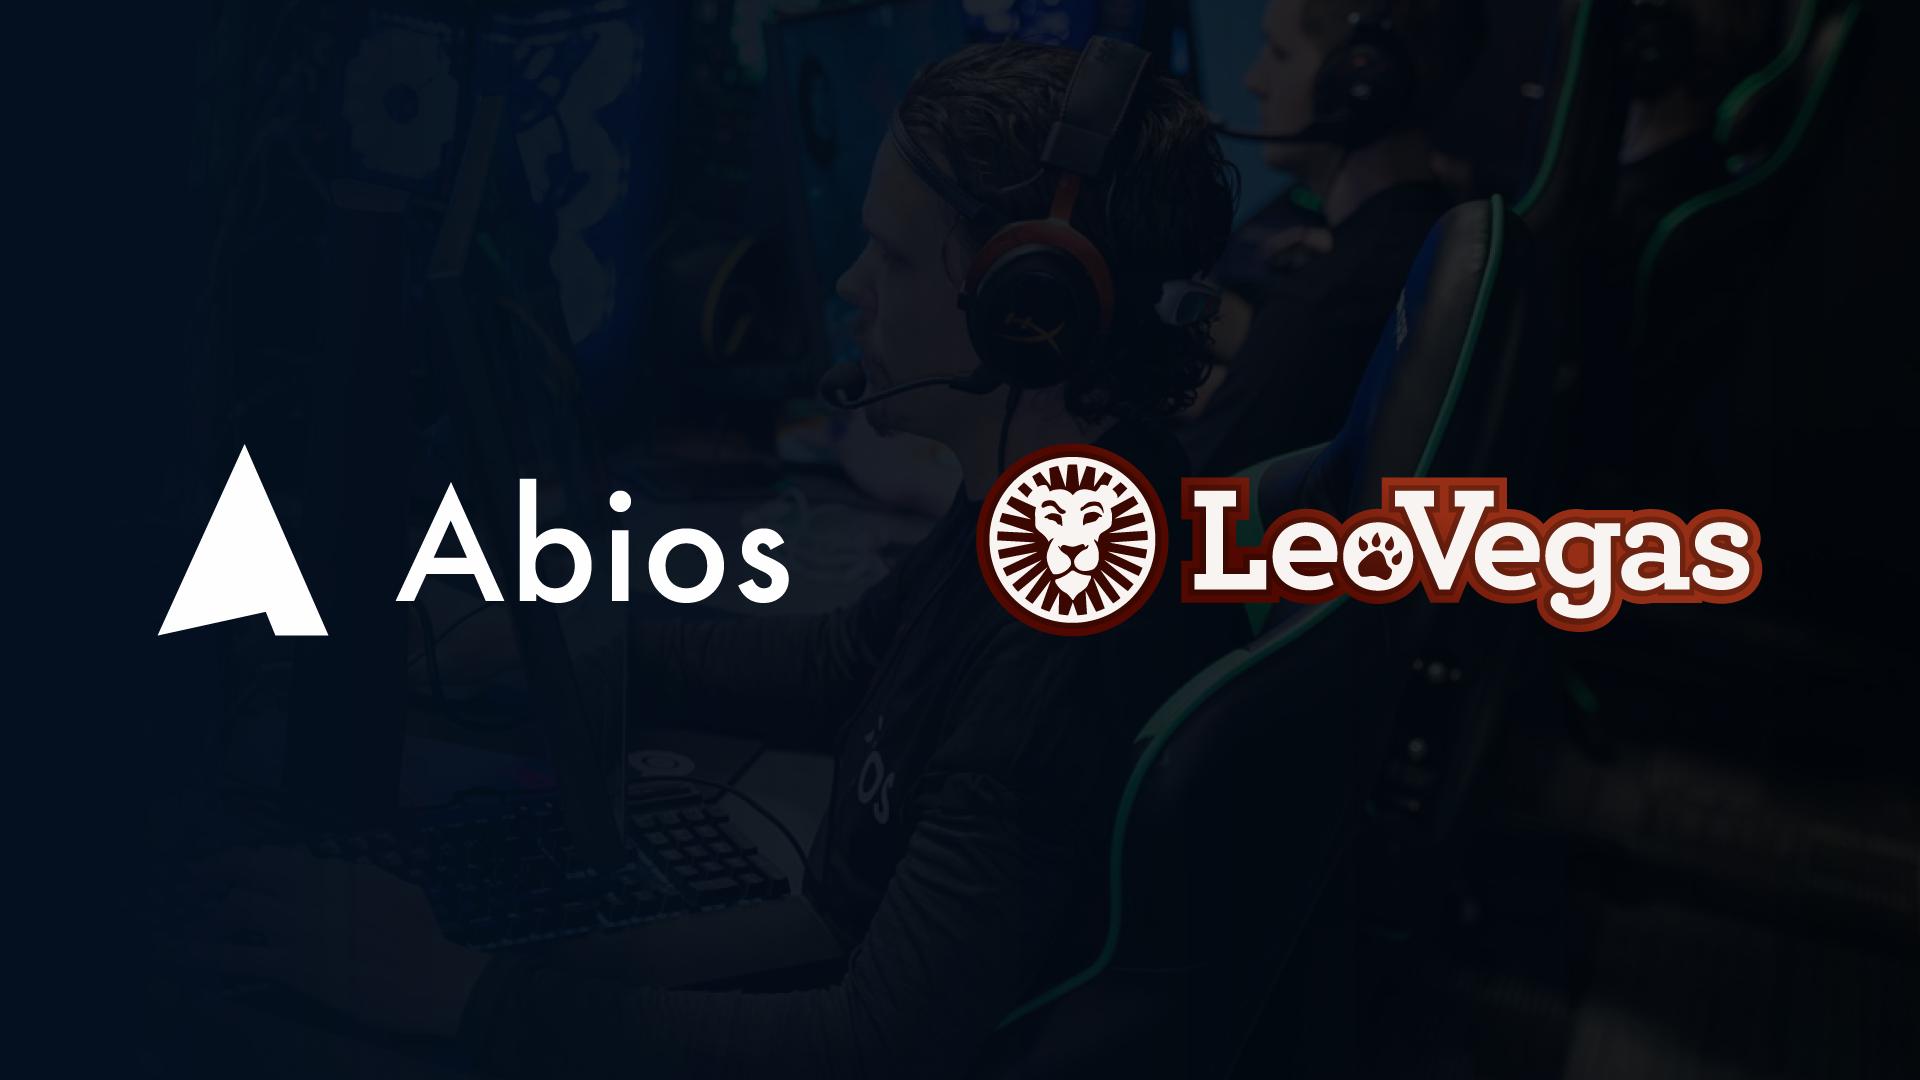 """Partenariat Abios LeoVegas"""" width=""""1920"""" height=""""1080"""" />Crédit image: Abios / LeoVegas   <p><strong> CONNEXES:Abios sécurise un partenariat de données avec le service d'actualités esports d'Upday, Jaxon</strong></p> <p> Linus Norman, Key Account Manager chez Abios a commenté : « Nous constatons une forte demande et une croissance des paris esports. LeoVegas offre une excellente expérience de joueur et nous sommes fiers de pouvoir aider et tirer parti de nos produits pour améliorer encore leur offre. »</p> <p> Le communiqué indiquait que le projet d'intégration de widgets avait commencé en tant que pilote sur certains marchés d'esports. À la suite d'une évaluation conjointe avec LeoVegas, Abios a développé des widgets personnalisés et réactifs pour les produits et les marques de LeoVegas tels que bet.uk et bet21 pour aider les clients à prendre des décisions éclairées sur plus de 20 marchés d'esports proposés par l'API d'Abios.</p> <p> Les widgets visent à améliorer l'expérience utilisateur en affichant les données d'avant-match de l'utilisateur, par exemple: les listes attendues, les champions les plus choisis et bannis, les taux de victoire pour certaines cartes et plus encore.</p> <p> Les widgets se mettent à jour en temps réel lorsque le match est diffusé, permettant aux utilisateurs de suivre les statistiques disponibles – en direct et historiques – pendant l'intégralité du match directement sur le site LeoVegas.</p> <p style="""